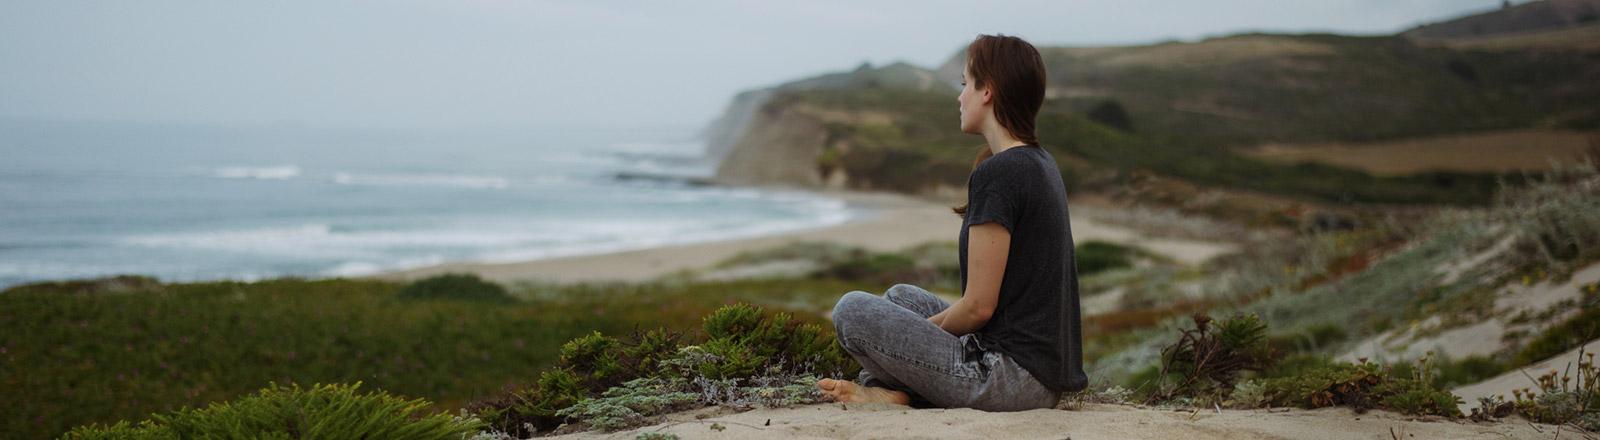 Laura Zalenga sitzt auf einem Felsen an einem Strand.